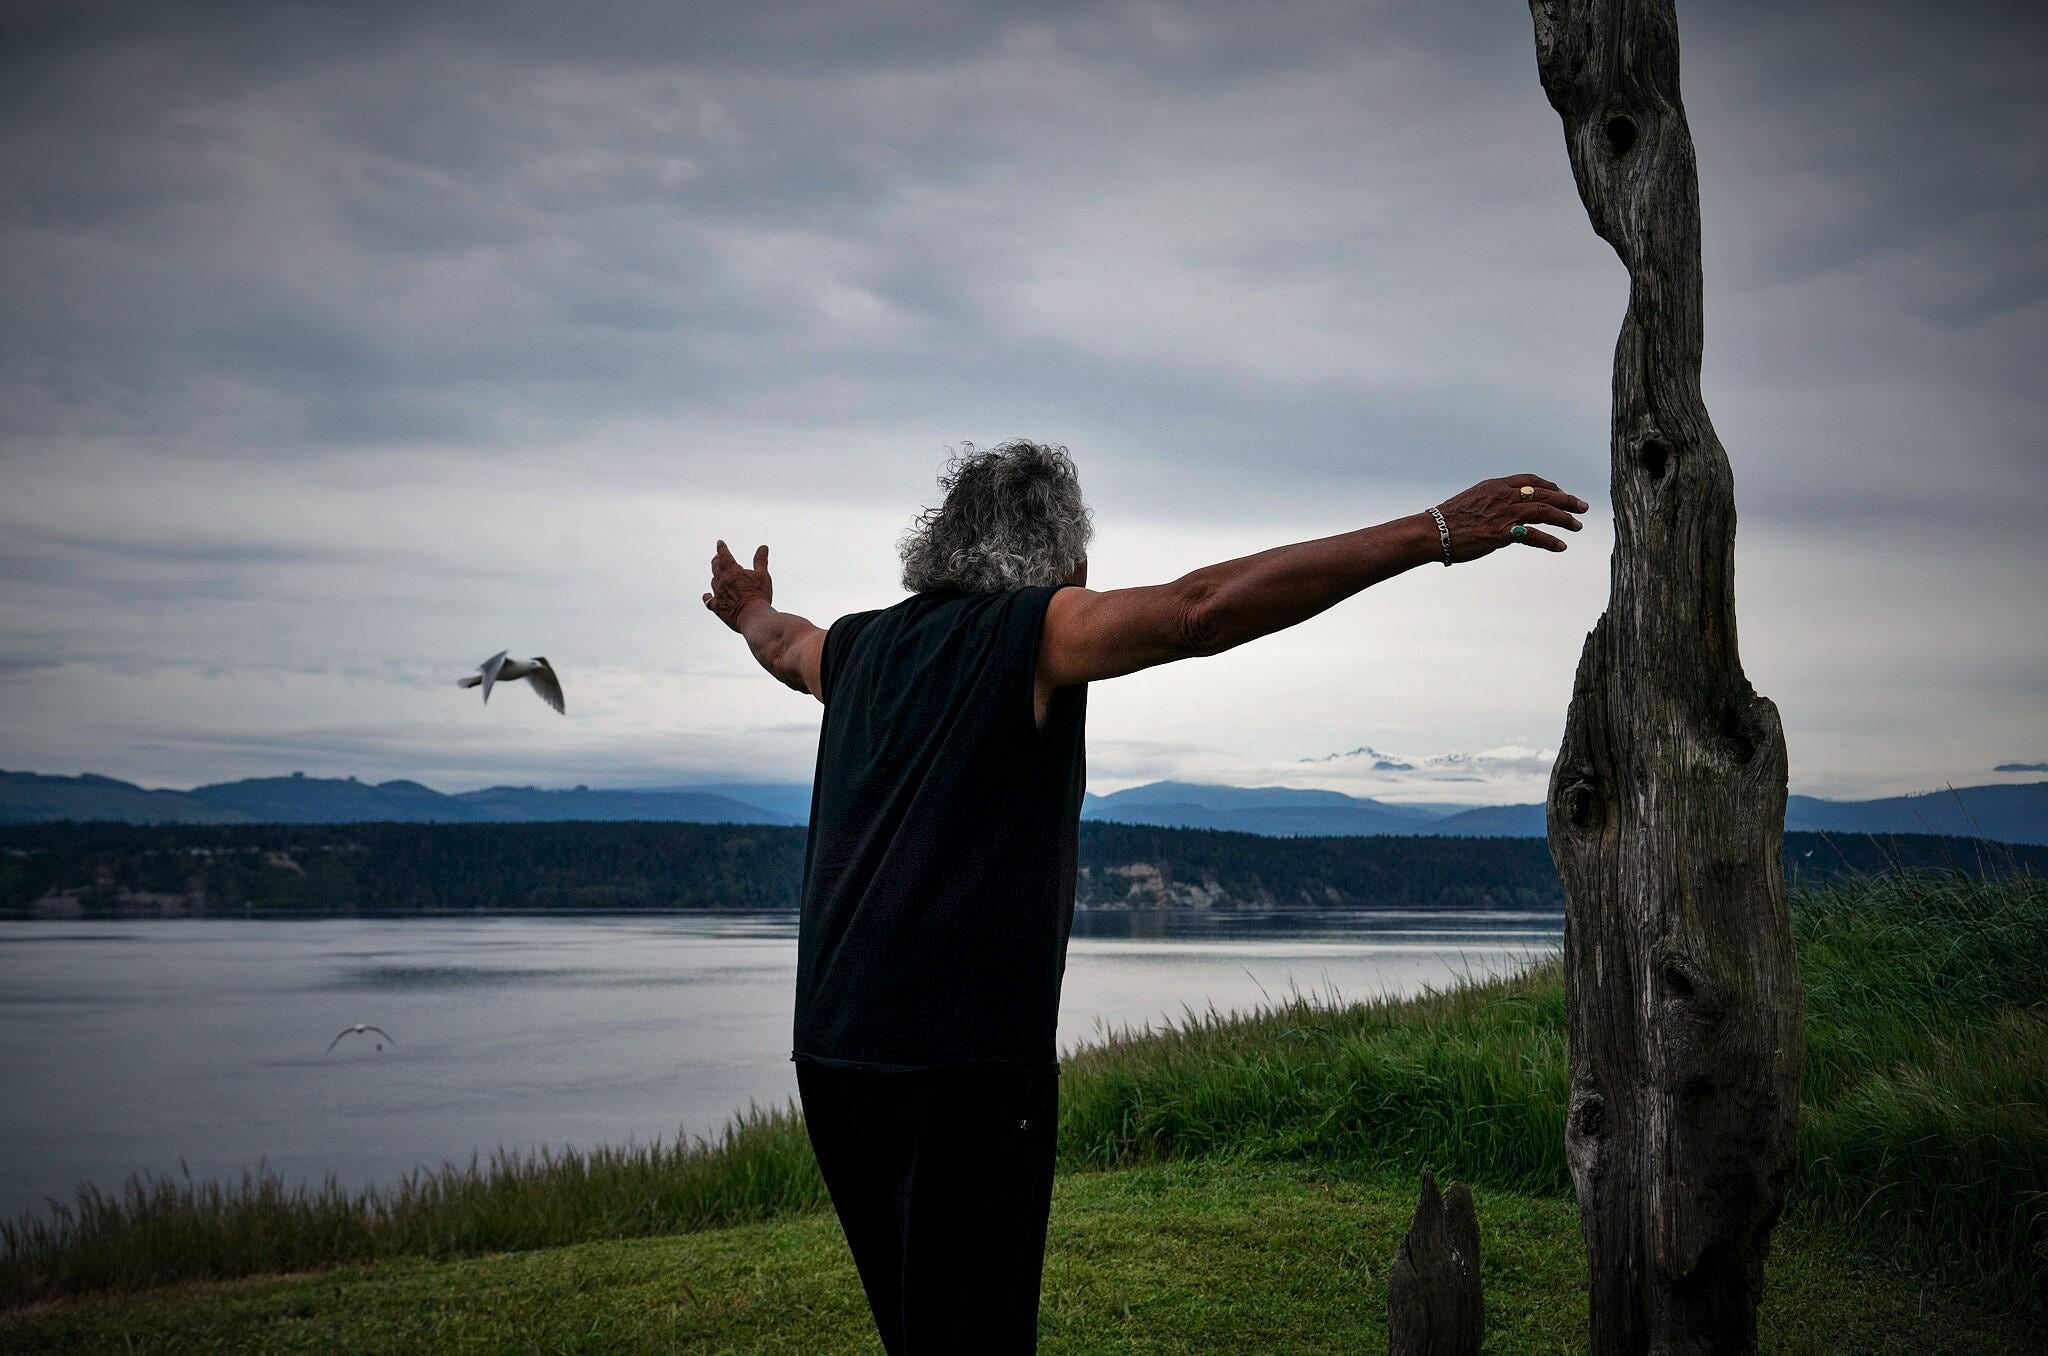 Ένας άντρας, ένα νησί: Ο προστάτης των πουλιών ζει το δικό του όνειρο